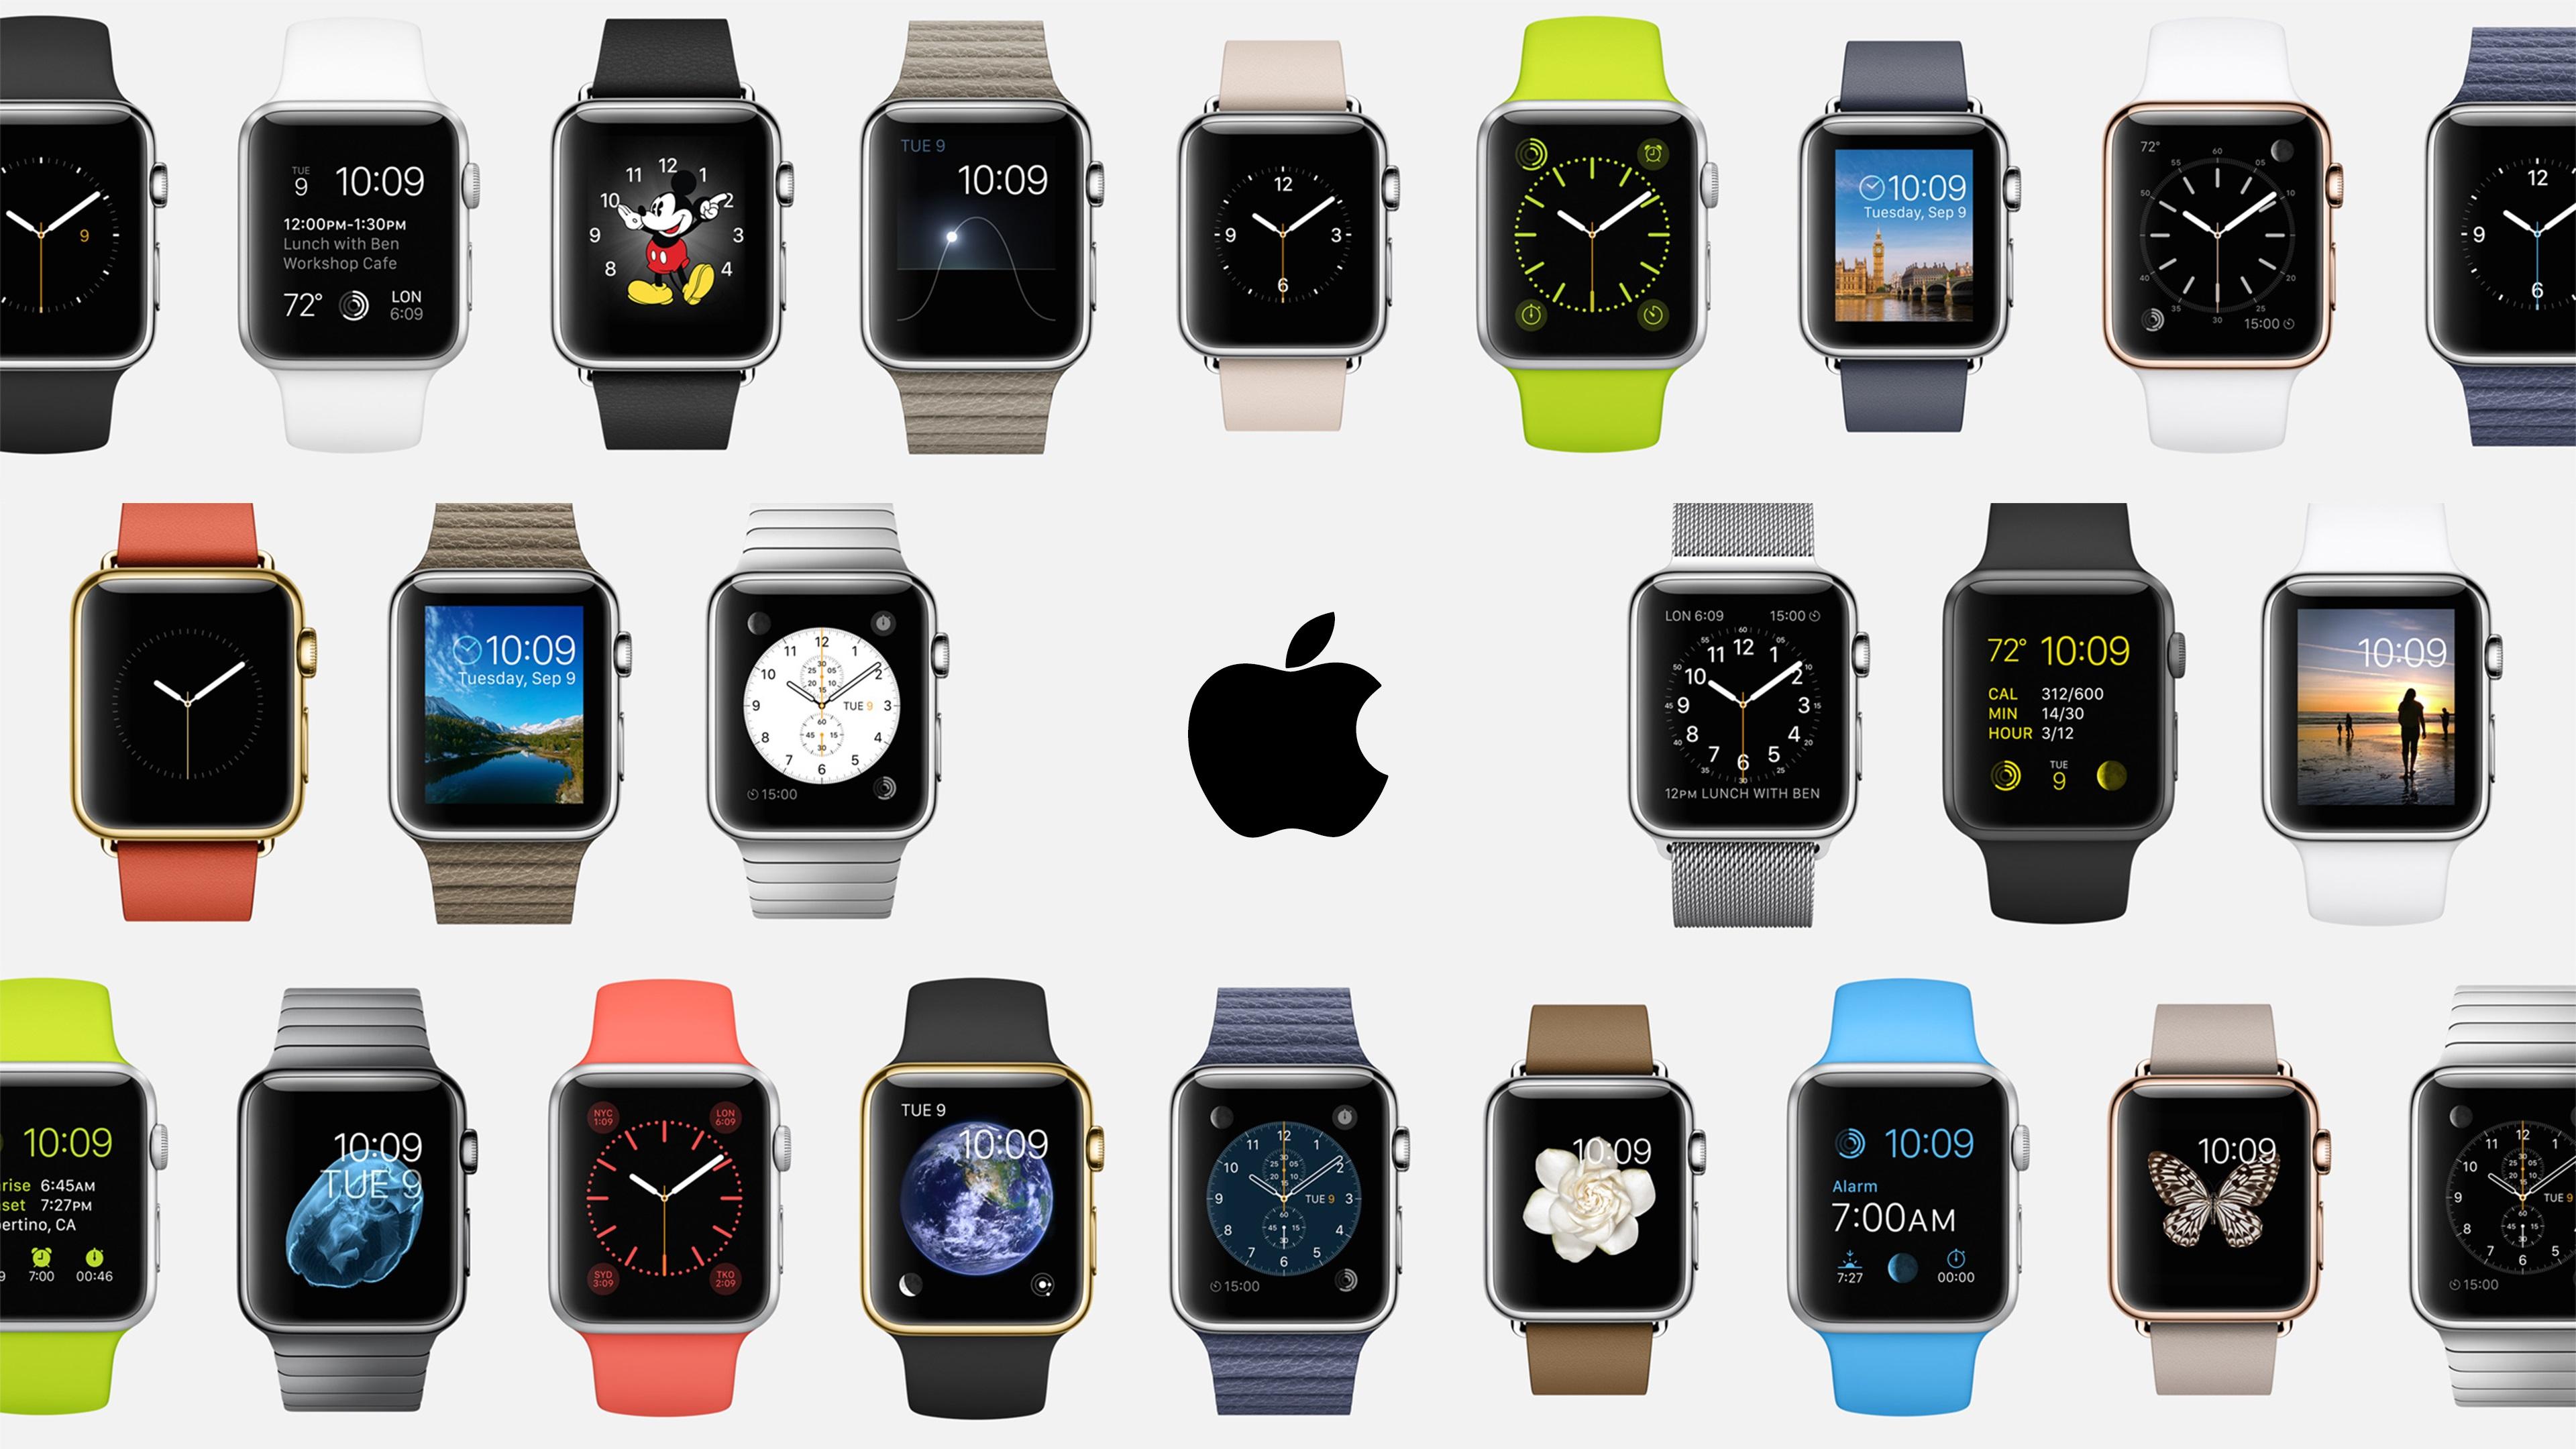 Создатели мобильной рекламы собирают информацию о пользователях против воли Apple